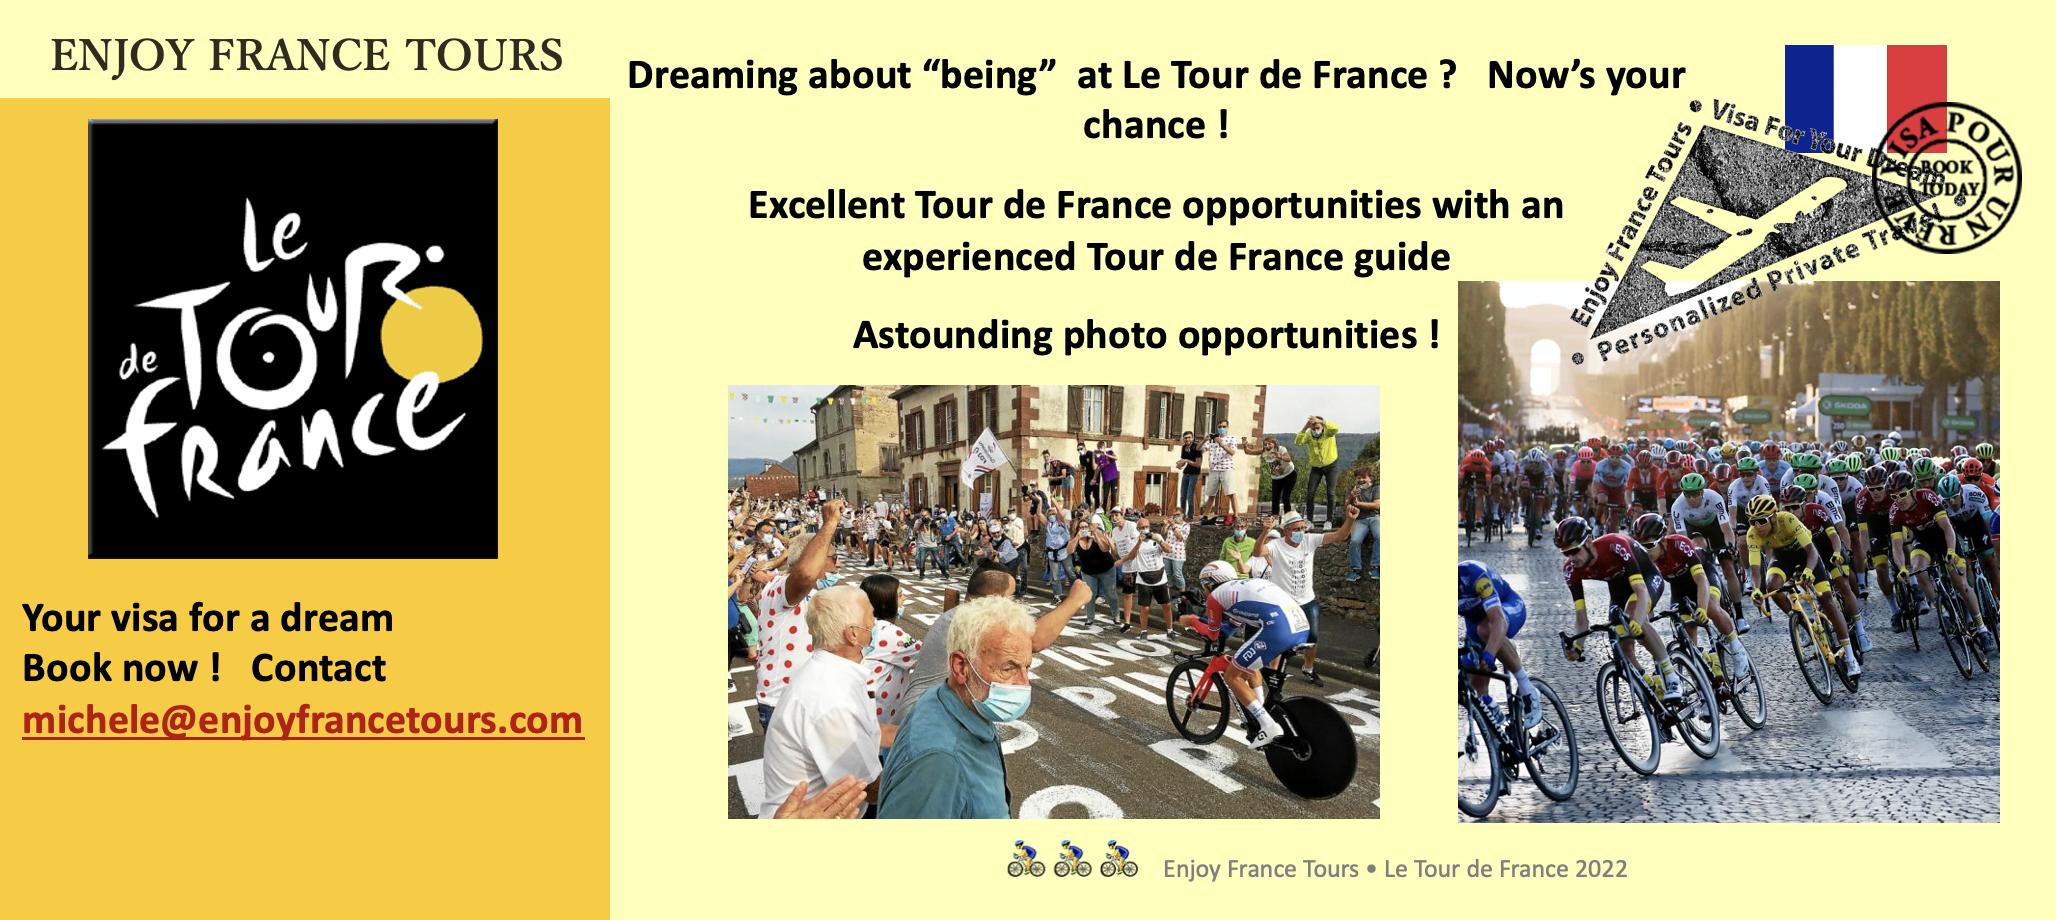 Enjoy France Tours TDF Website 2022 Pg 4